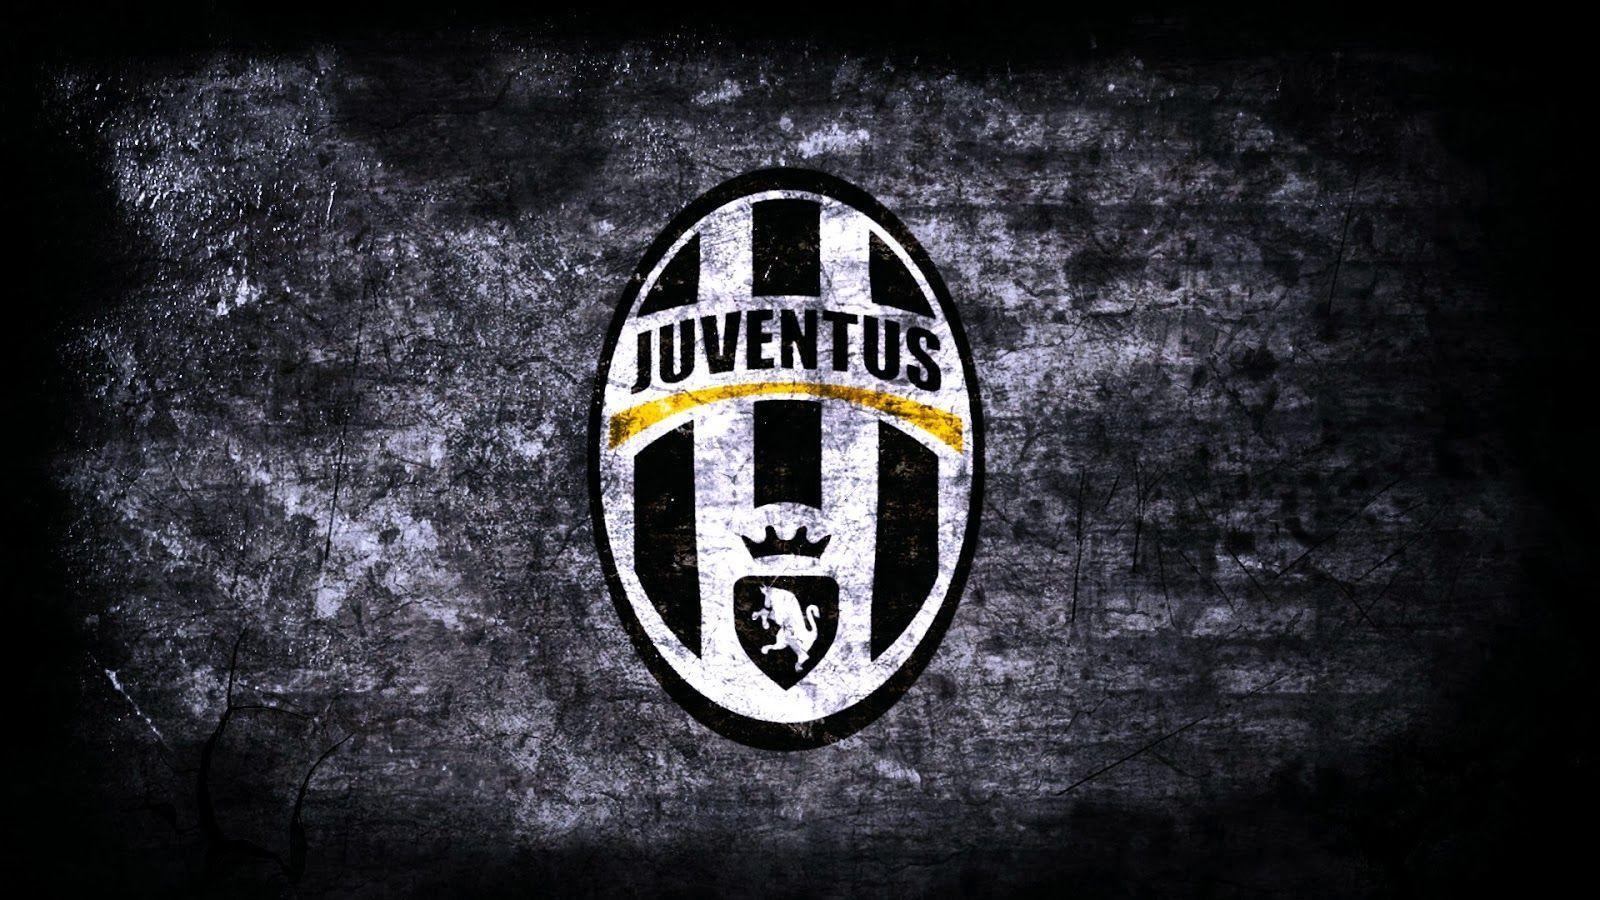 Popular Wallpaper Logo Juventus - 5cfRNtG  Graphic_866290.jpg